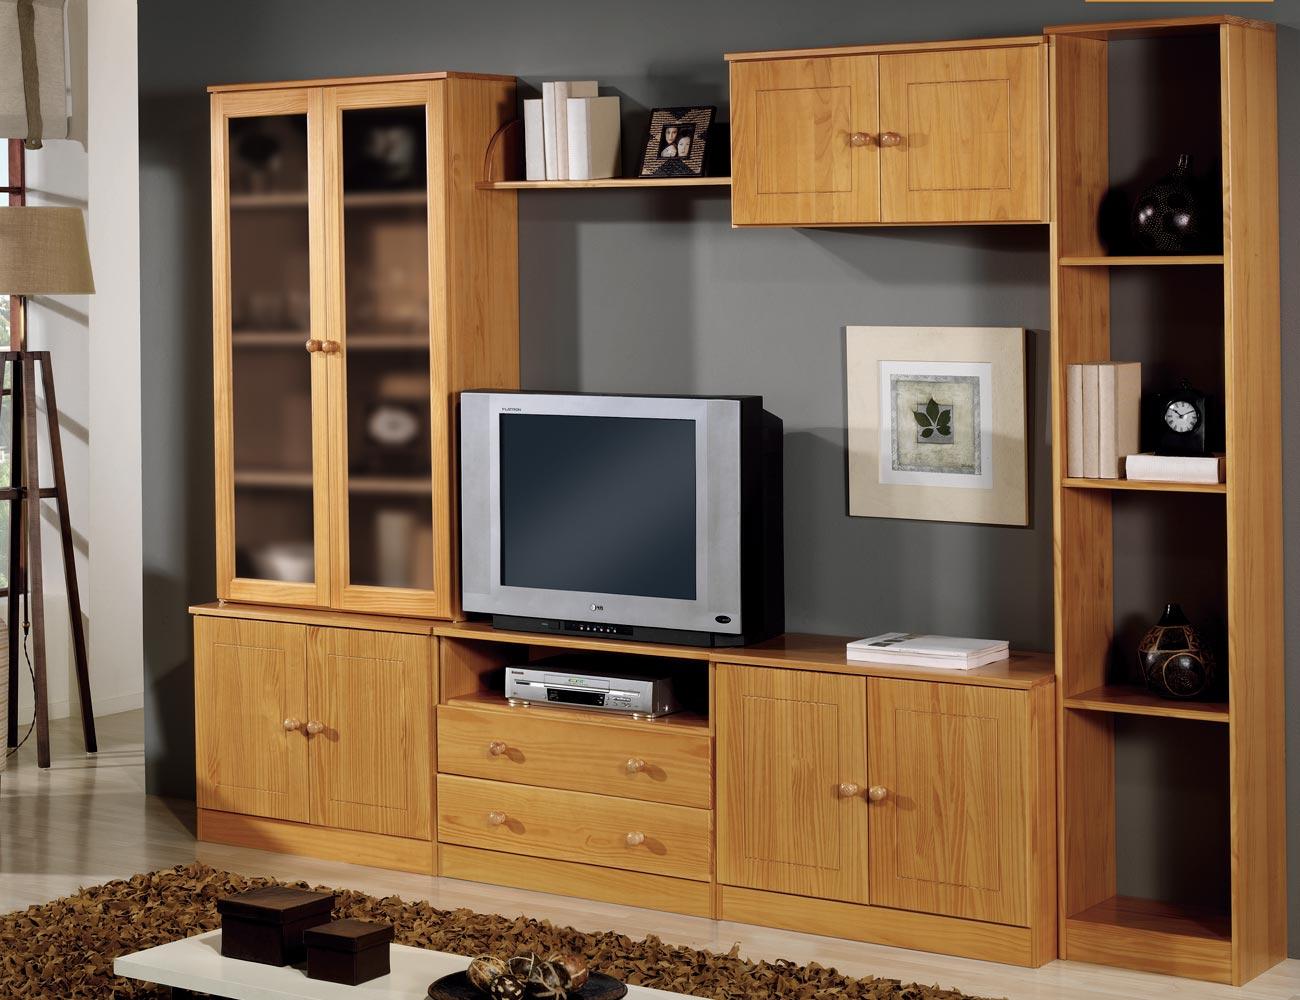 Muebles de sal n comedor en madera de pino color miel for Muebles salon provenzal